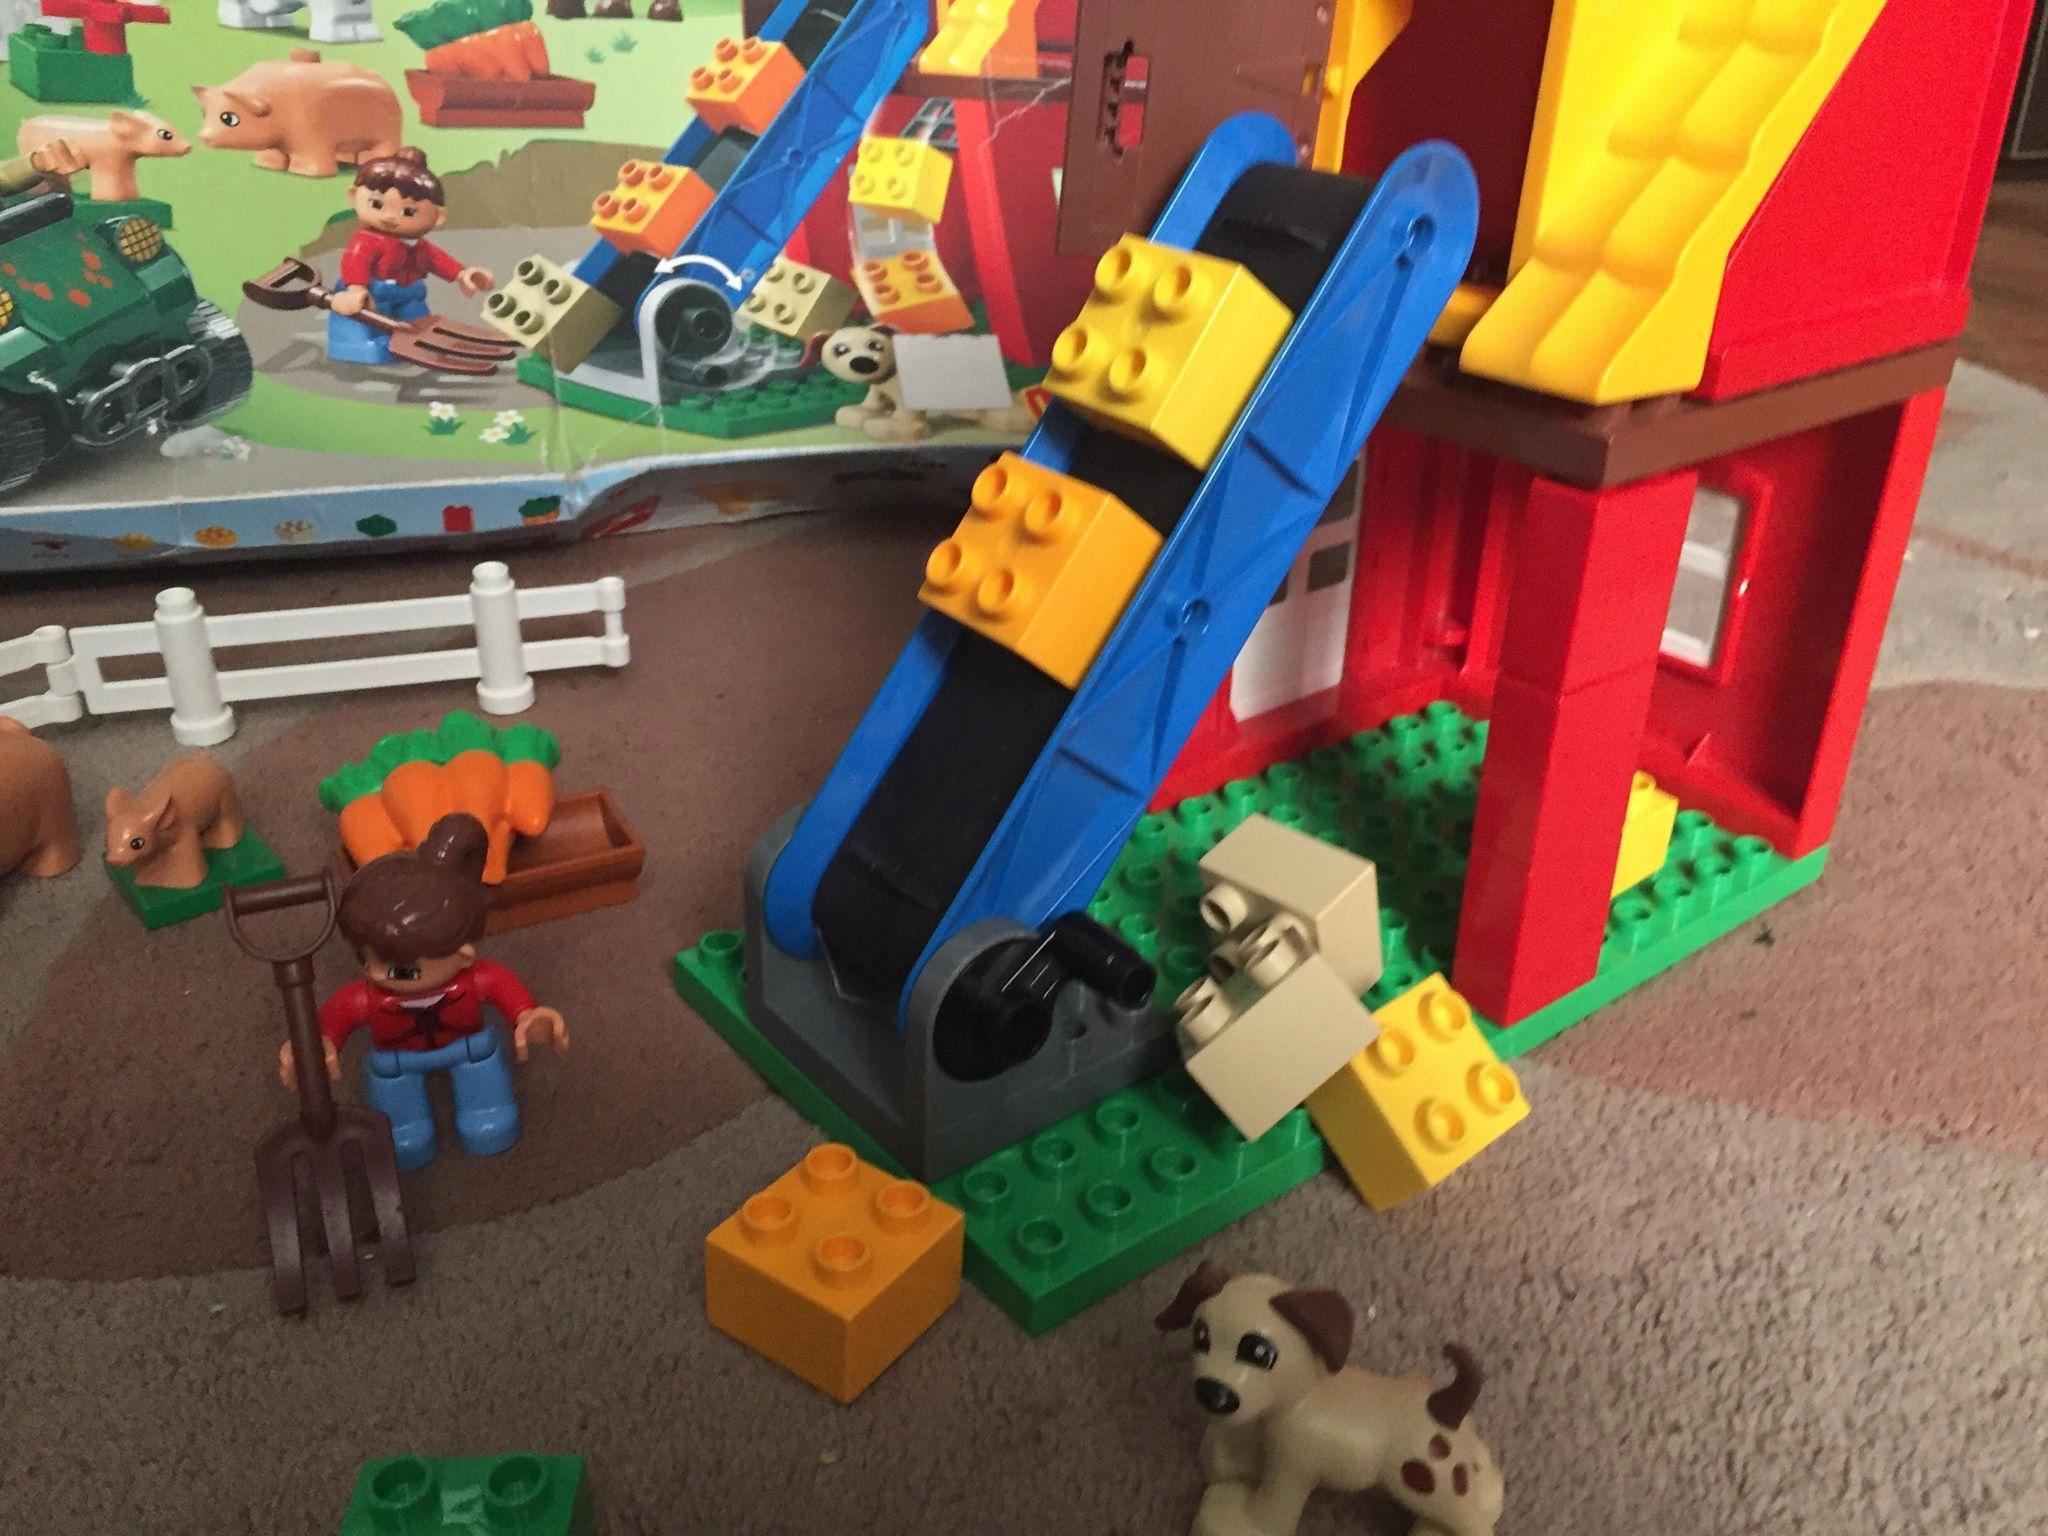 Klocki Lego Farma 4975 Duży Zestaw 7635165965 Oficjalne Archiwum